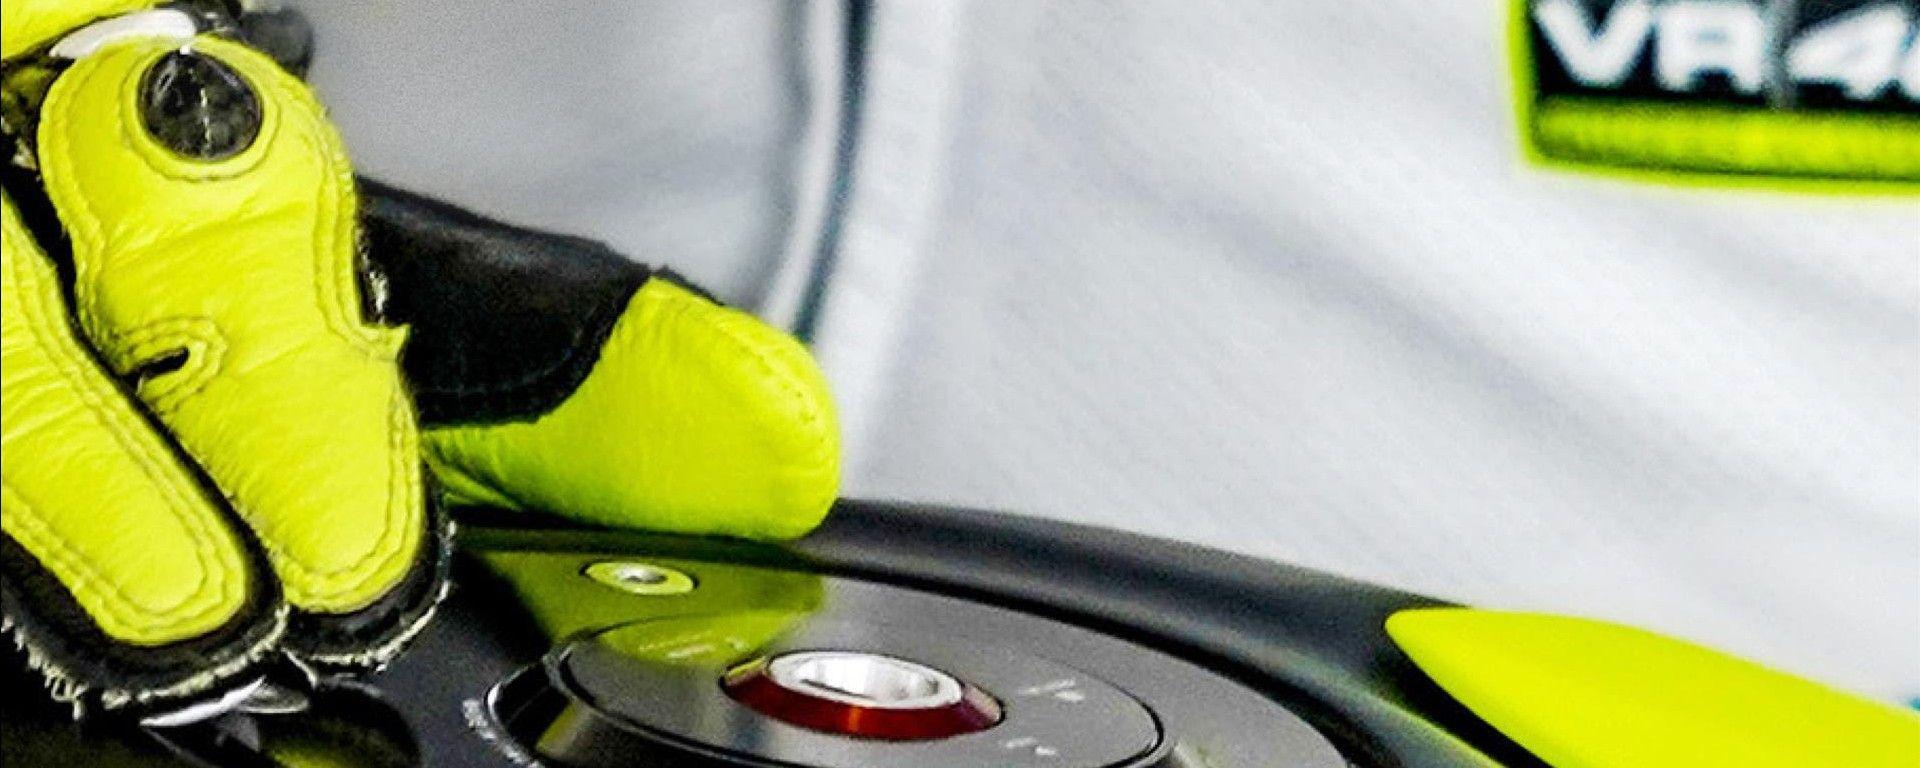 Rizoma e VR46: accessori per le moto di Valentino Rossi